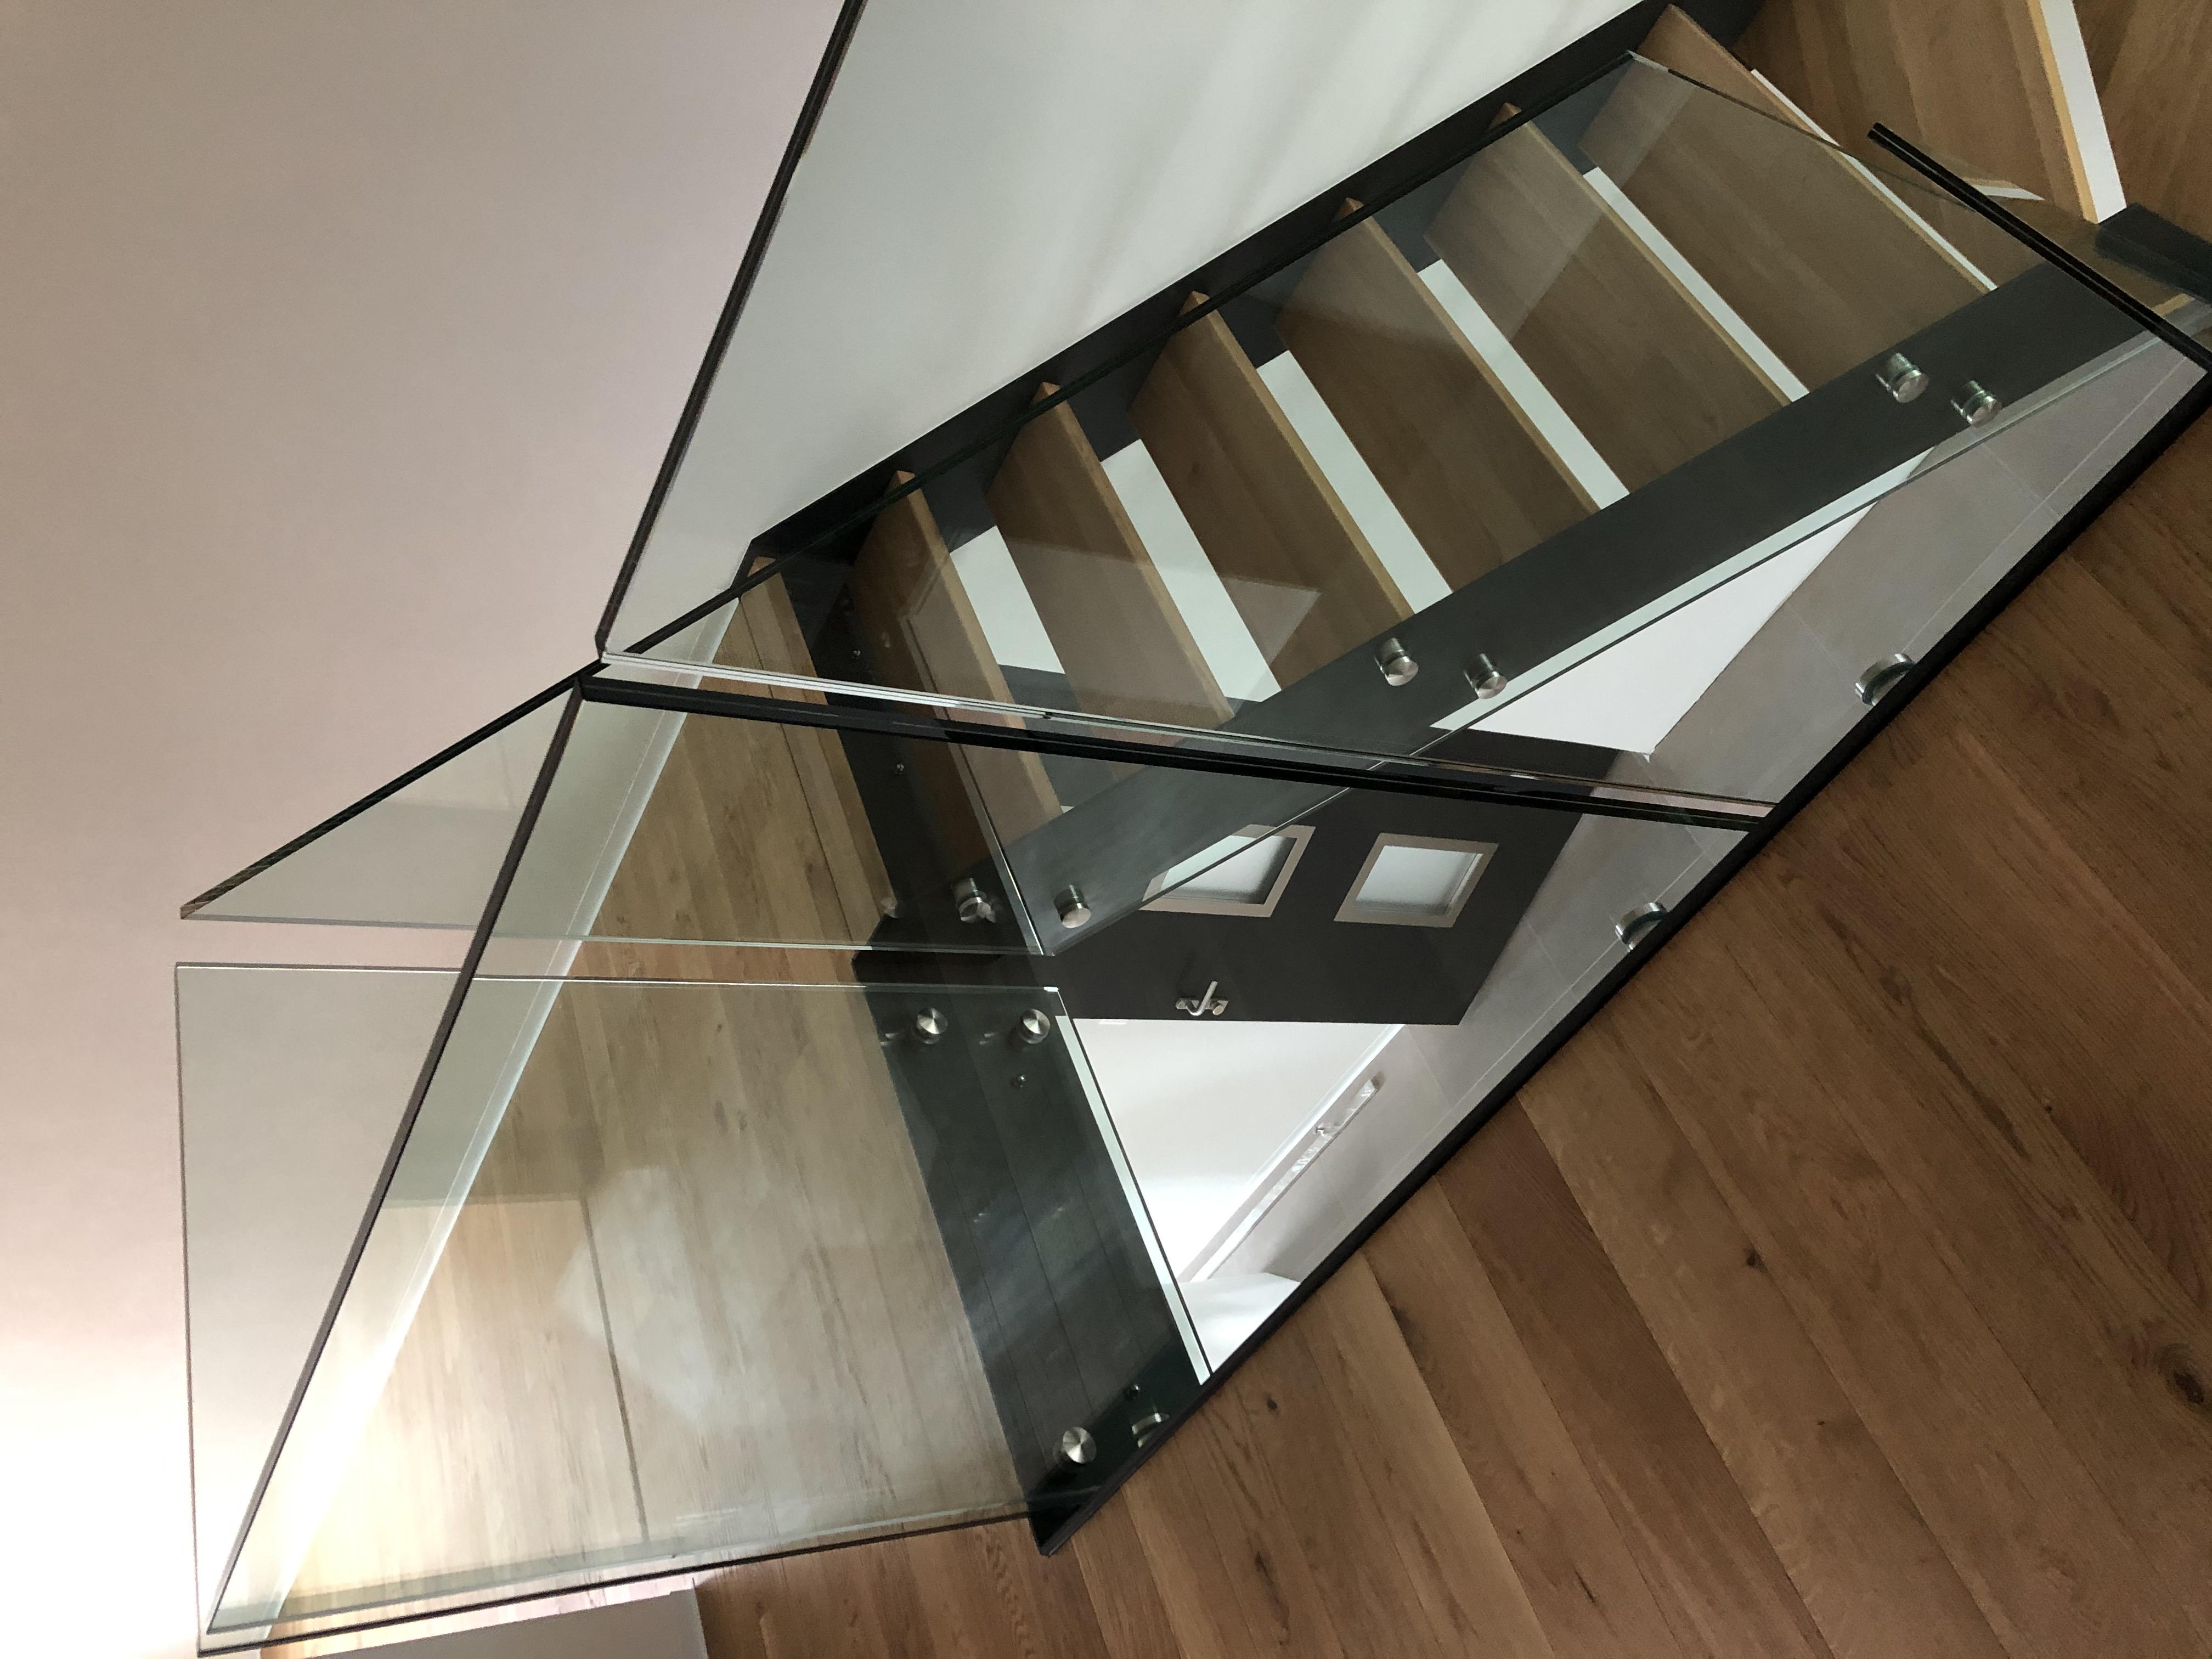 Escalier bois métal + verres